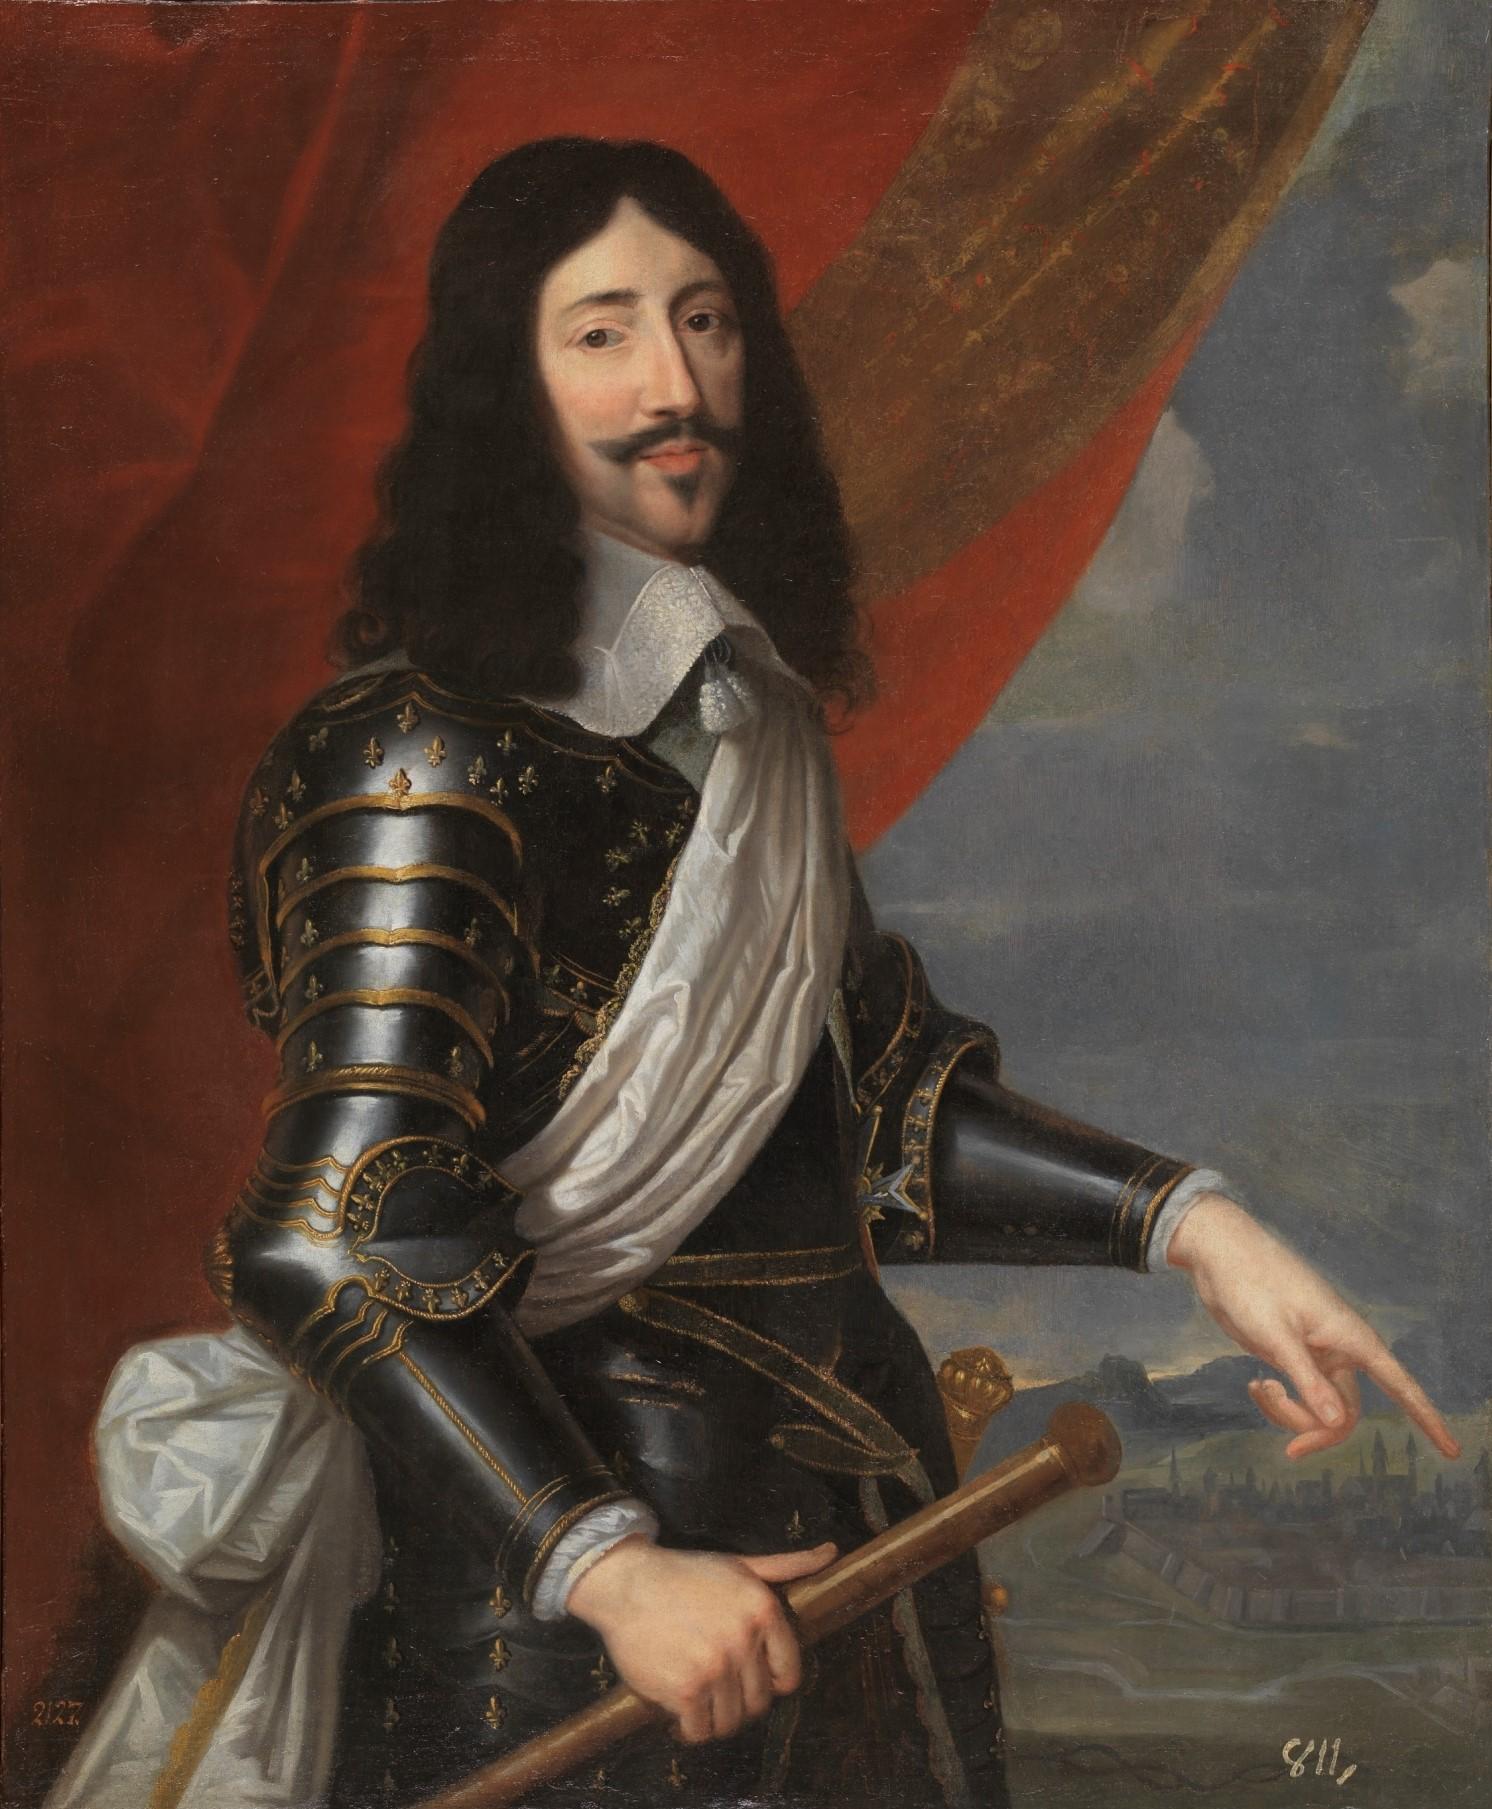 Luis XIII, rey de Francia